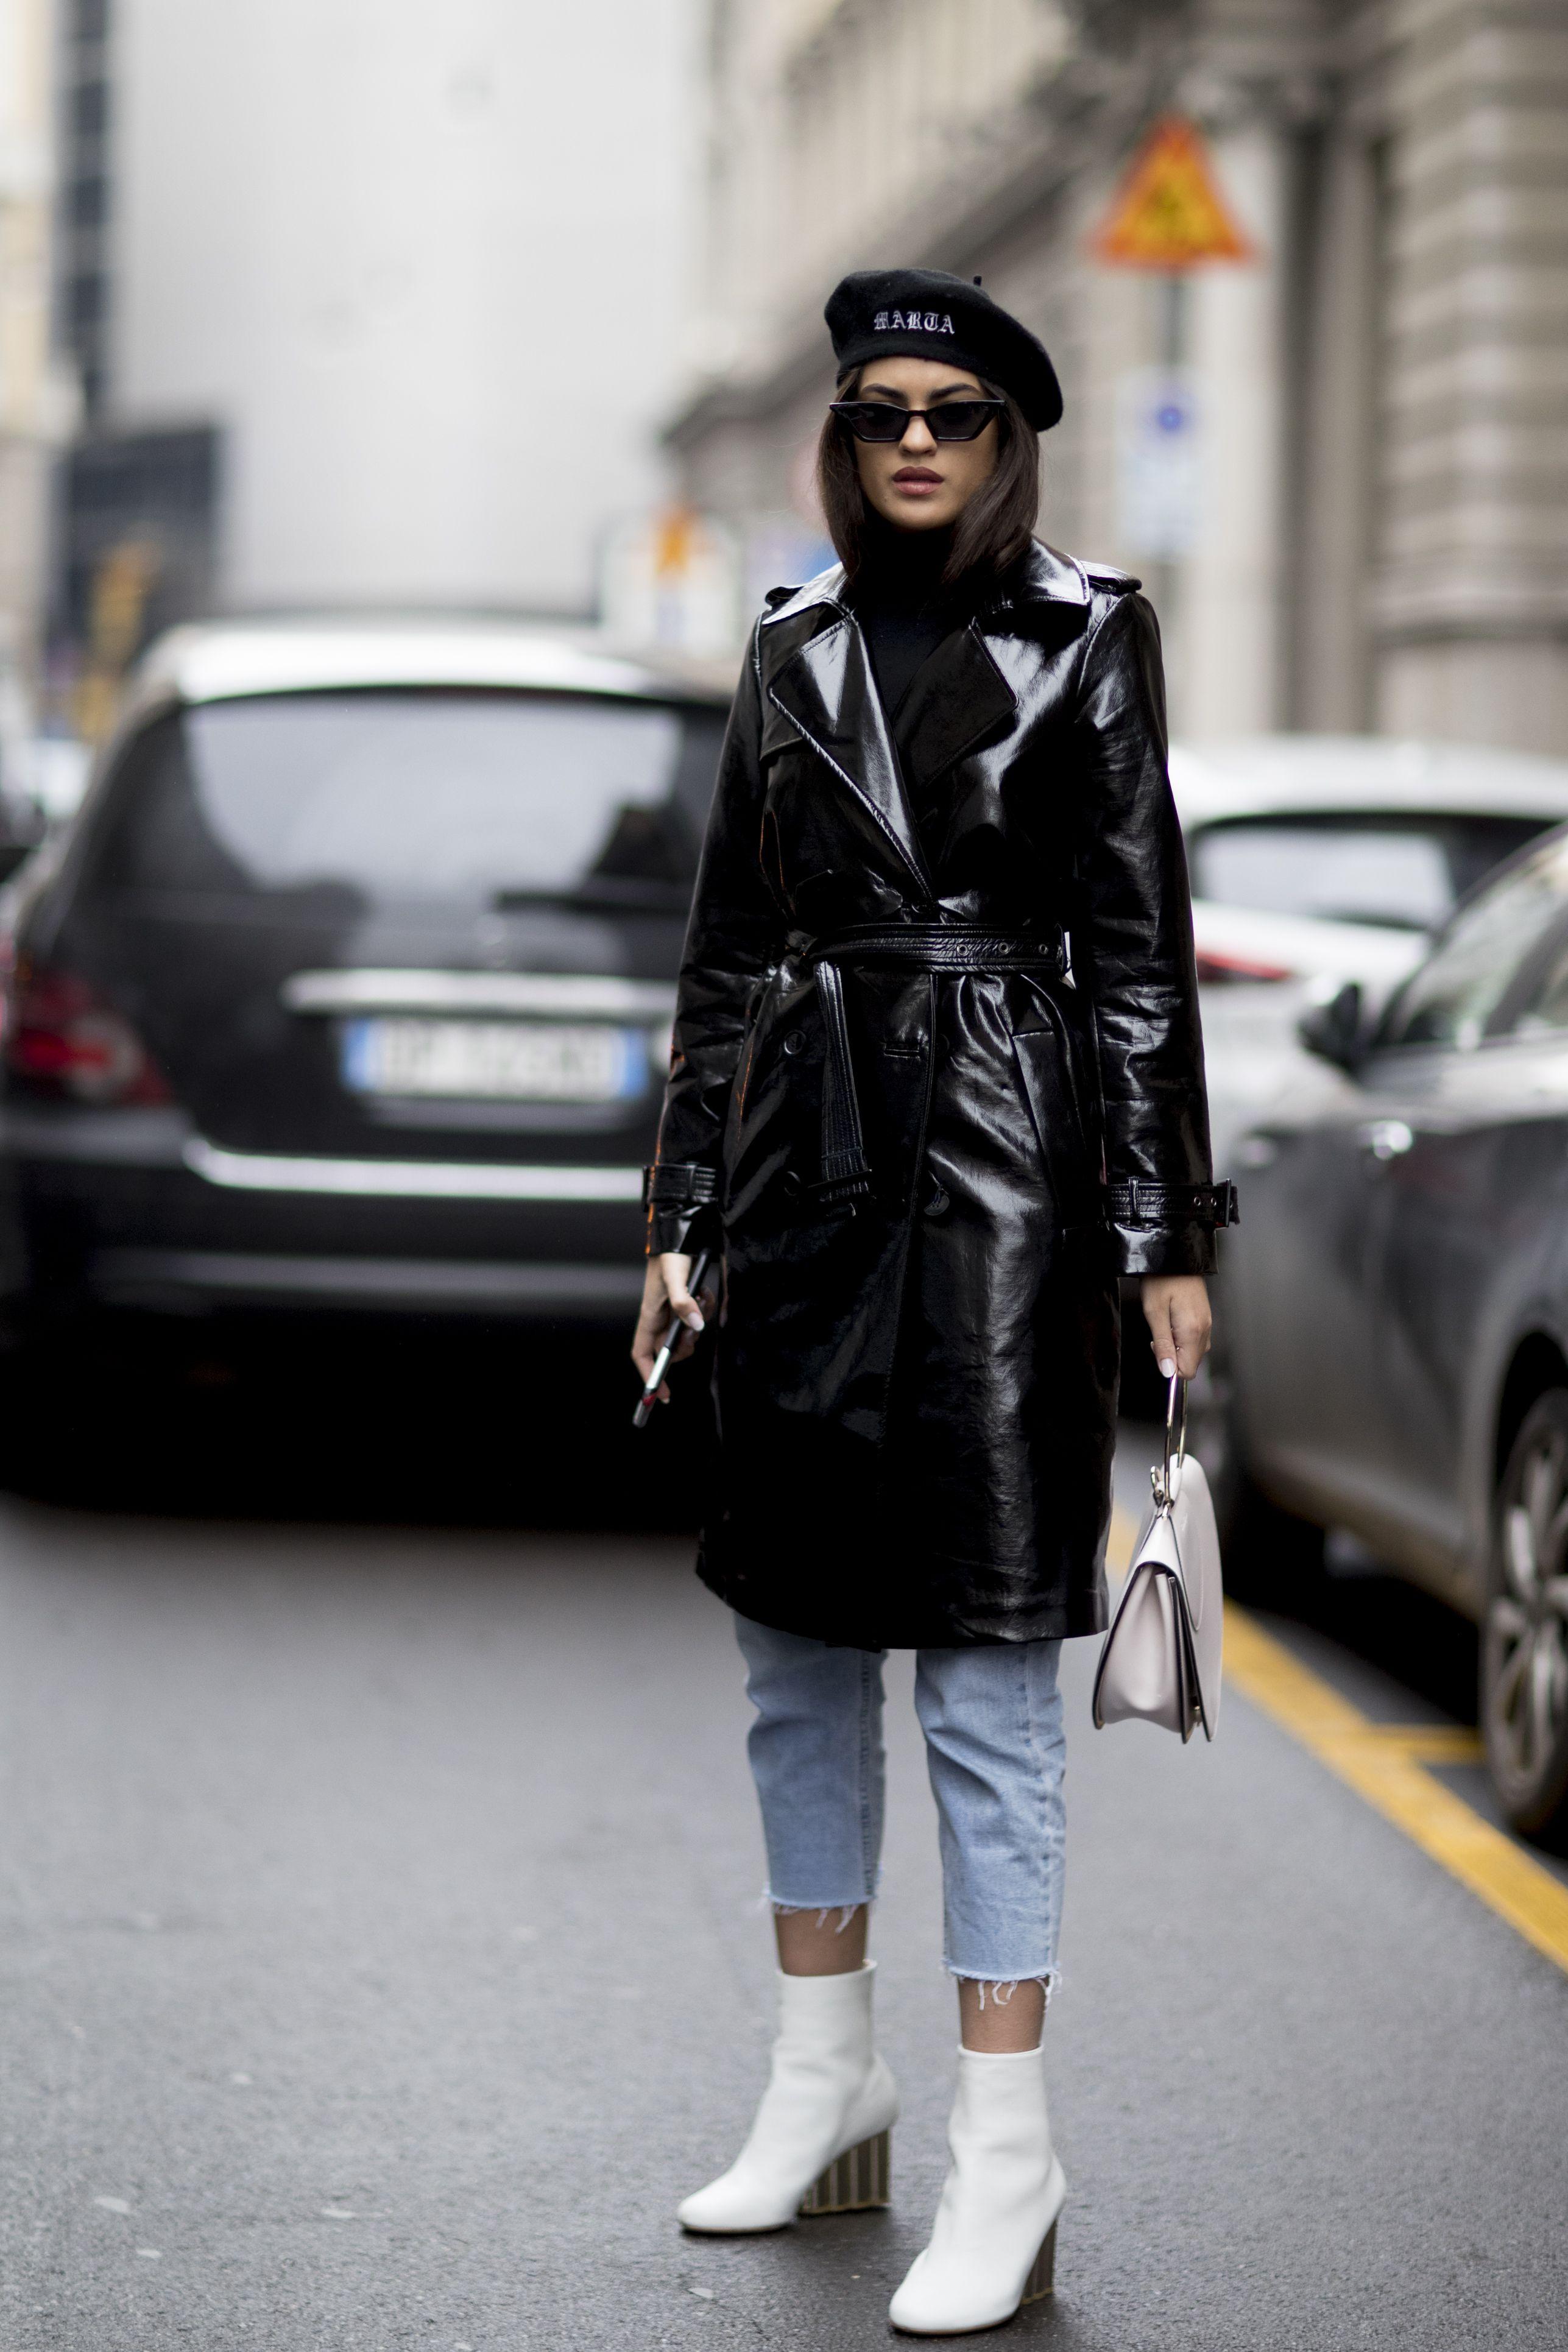 Das waren die Steetstyle Trends der Mailänder Fashion Week